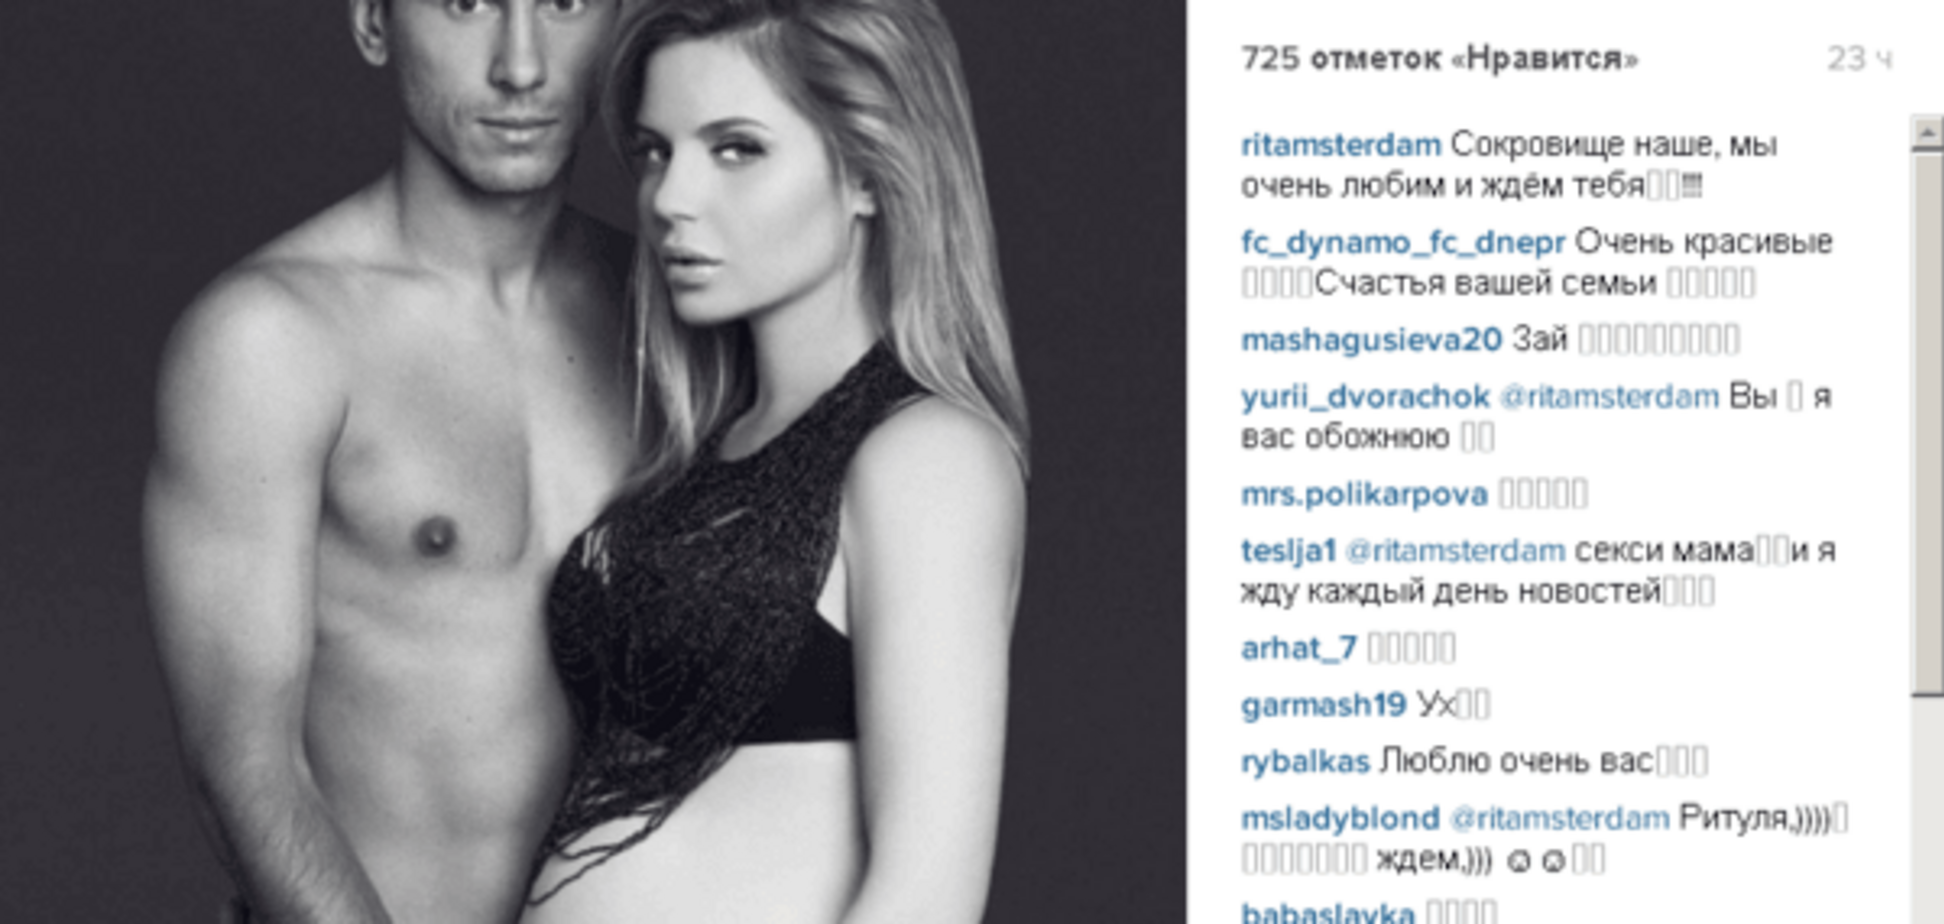 Беременная жена полузащитника 'Динамо' поделилась романтичным фото с мужем